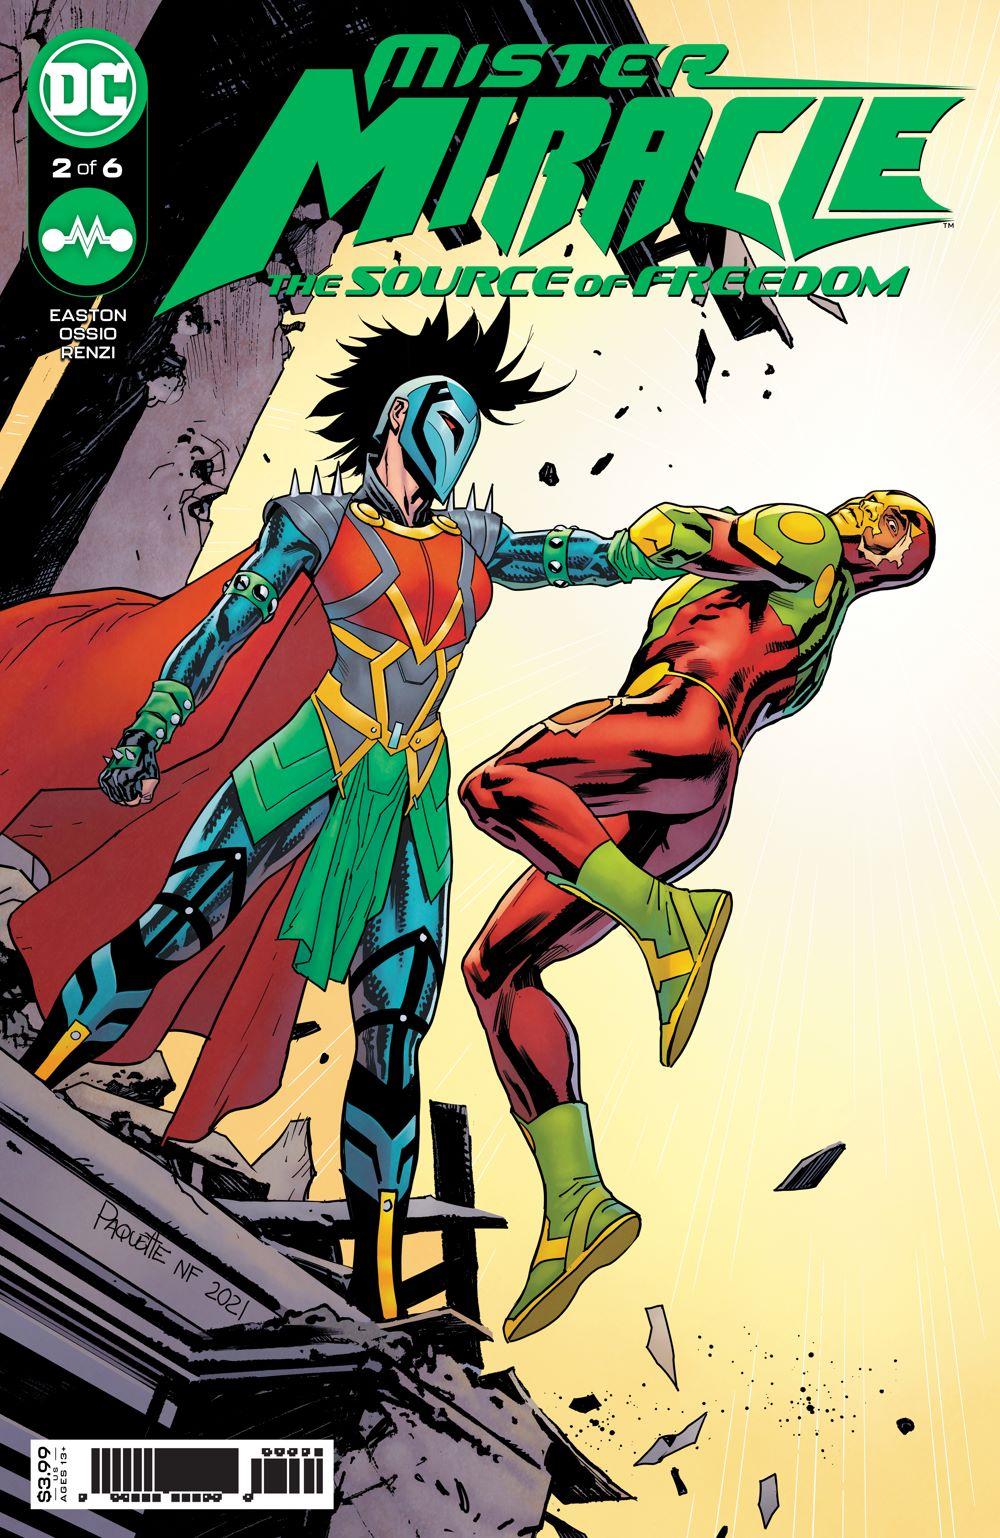 MMTSOF_Cv2 DC Comics June 2021 Solicitations